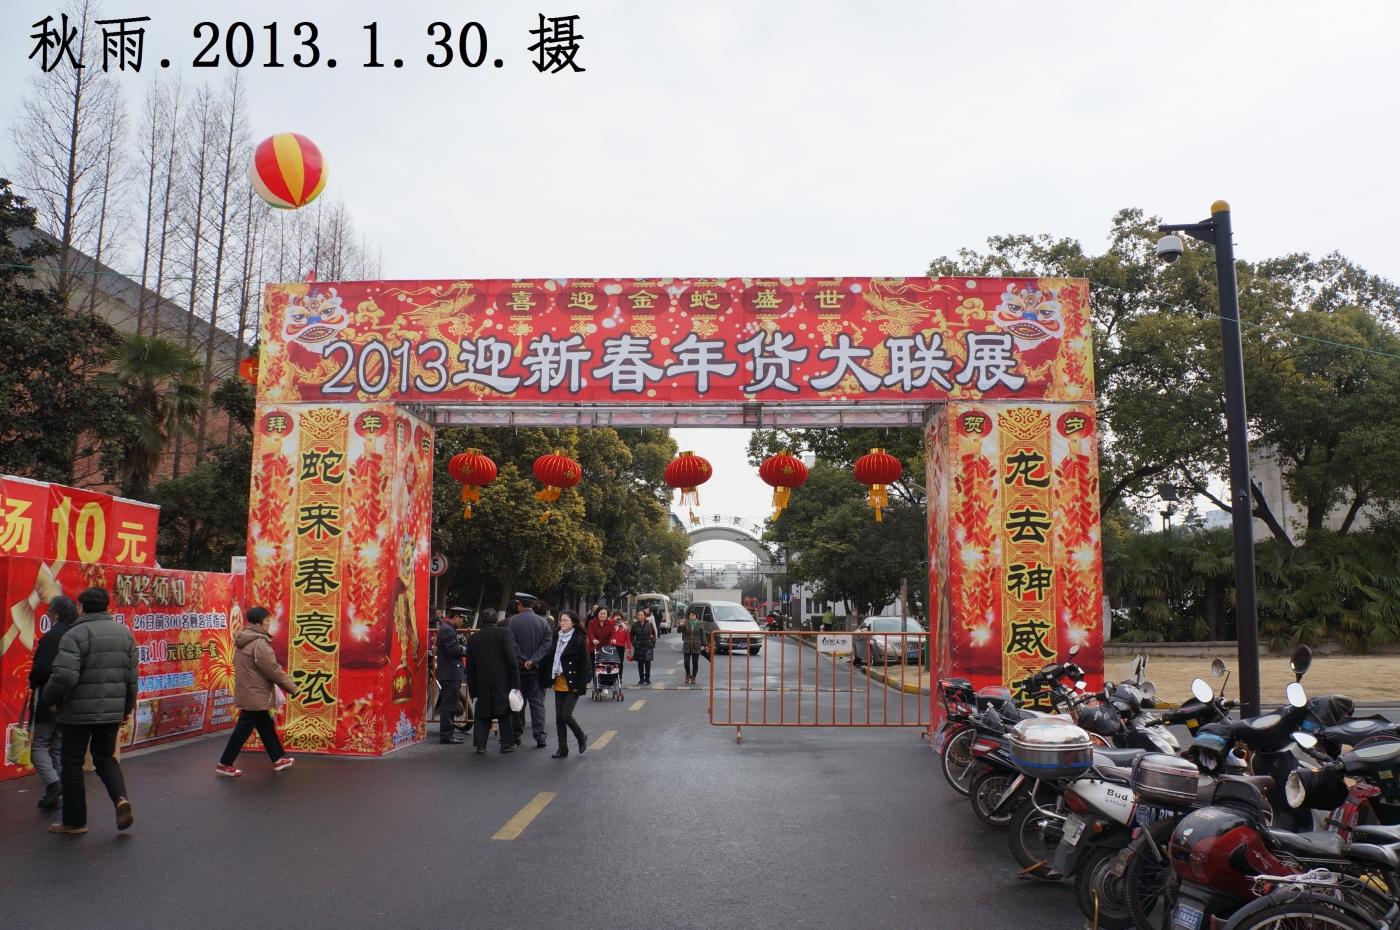 迎新春年货展销会(摄影原创)_图1-1